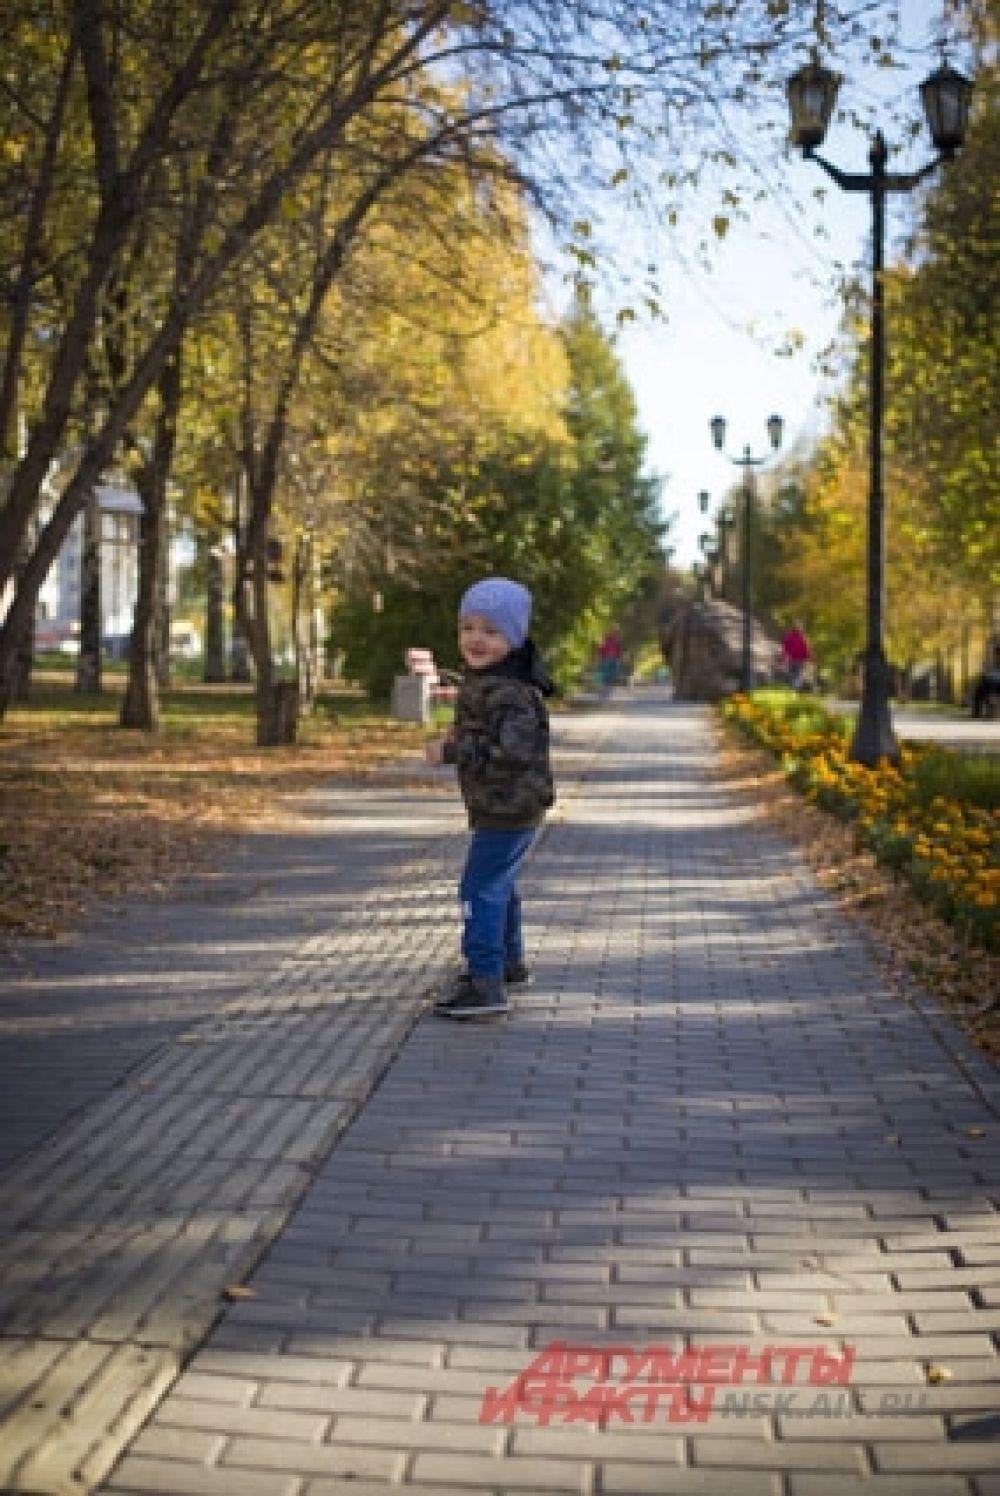 Побегать по солнечным дорожкам - любимое занятие для детей.